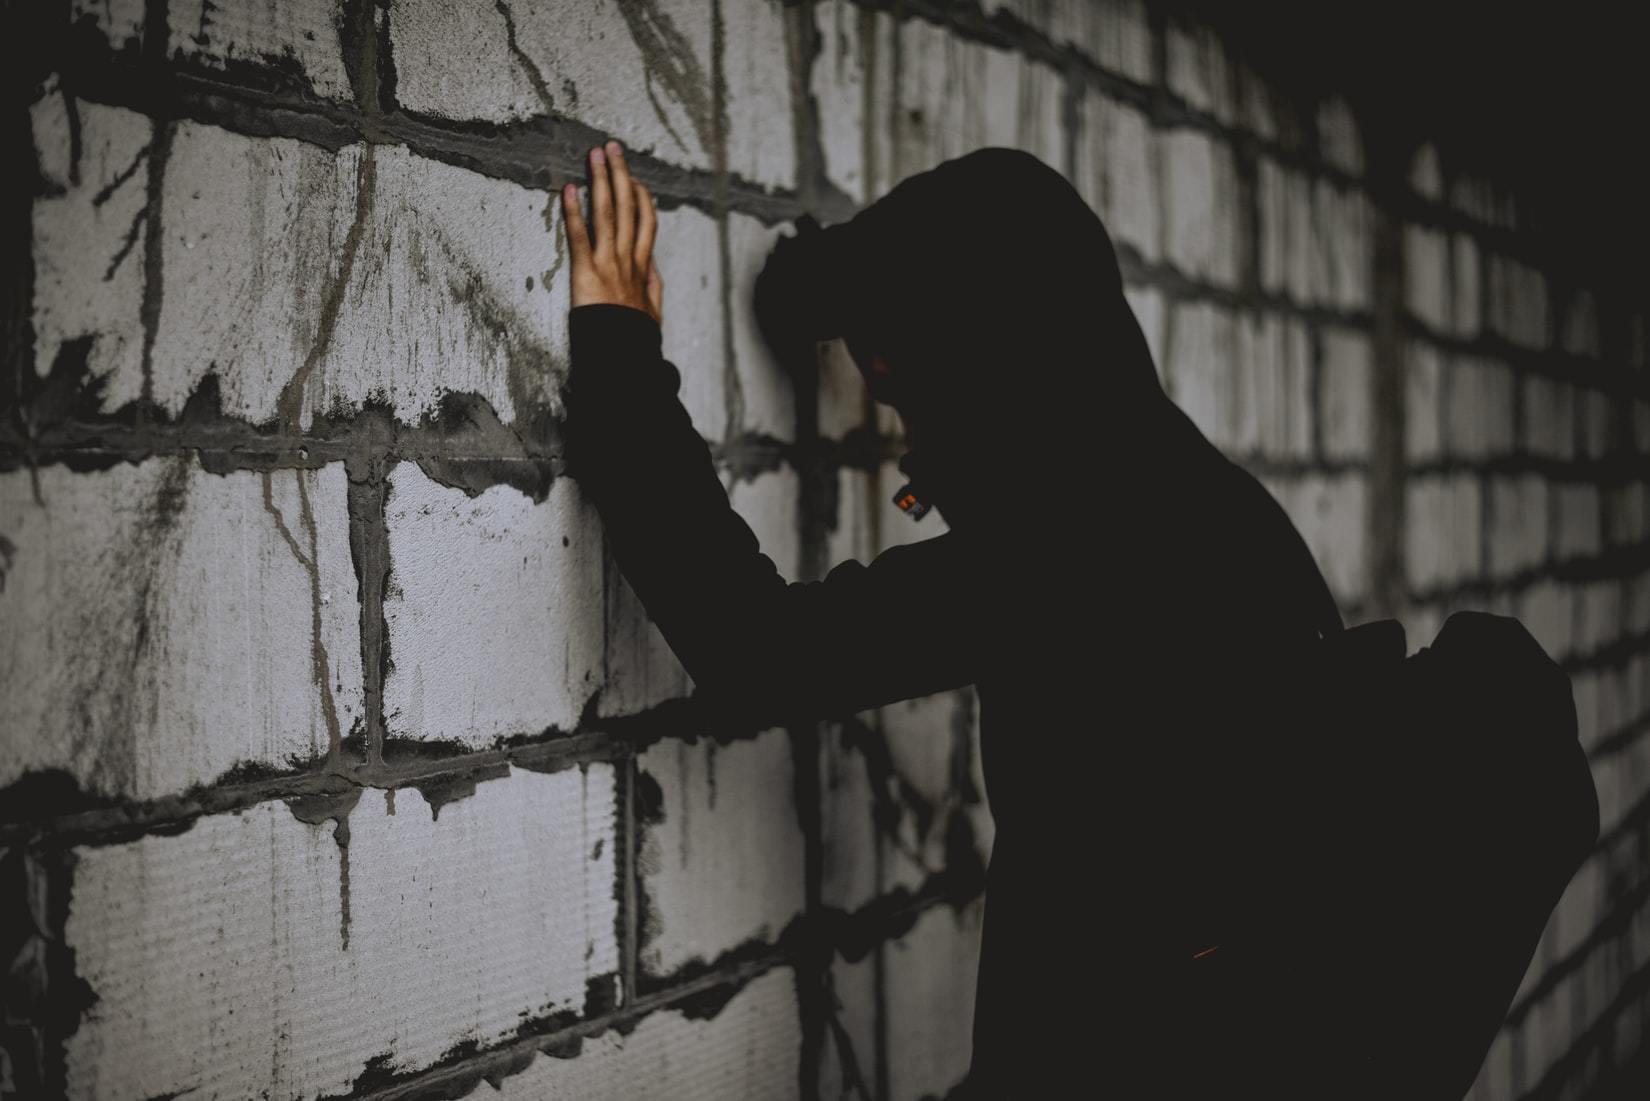 Ảnh người con trai dựa vào tường khóc đẹp nhất